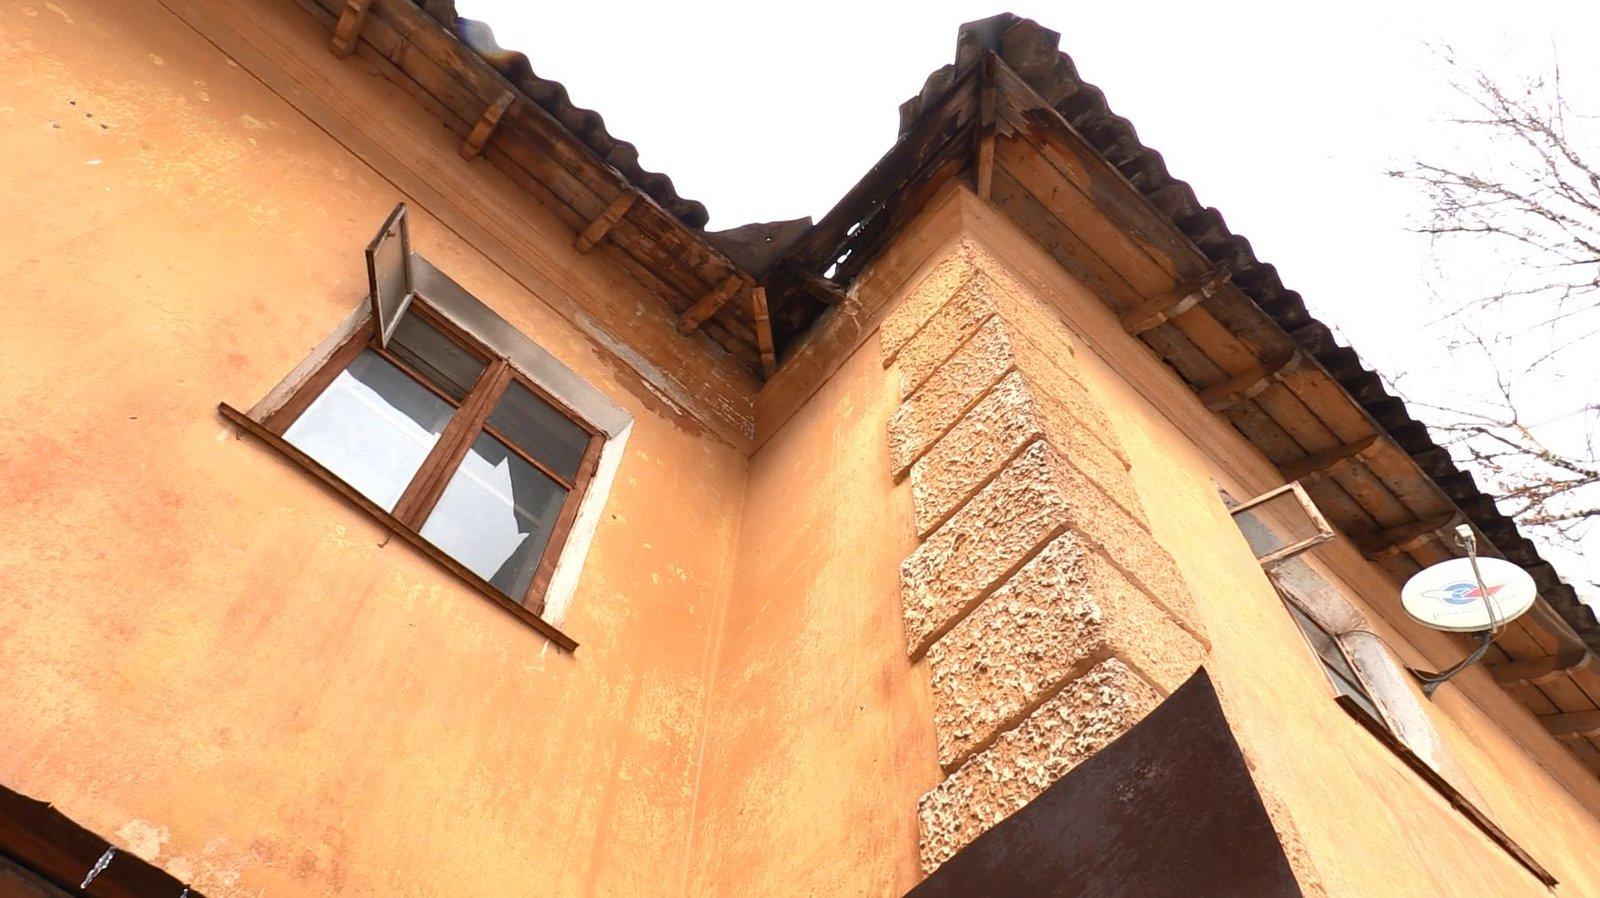 Андрей Воробьев губернатор московской области - Подлежащий сносу дом на улице Пионерская 13 в Щелкове